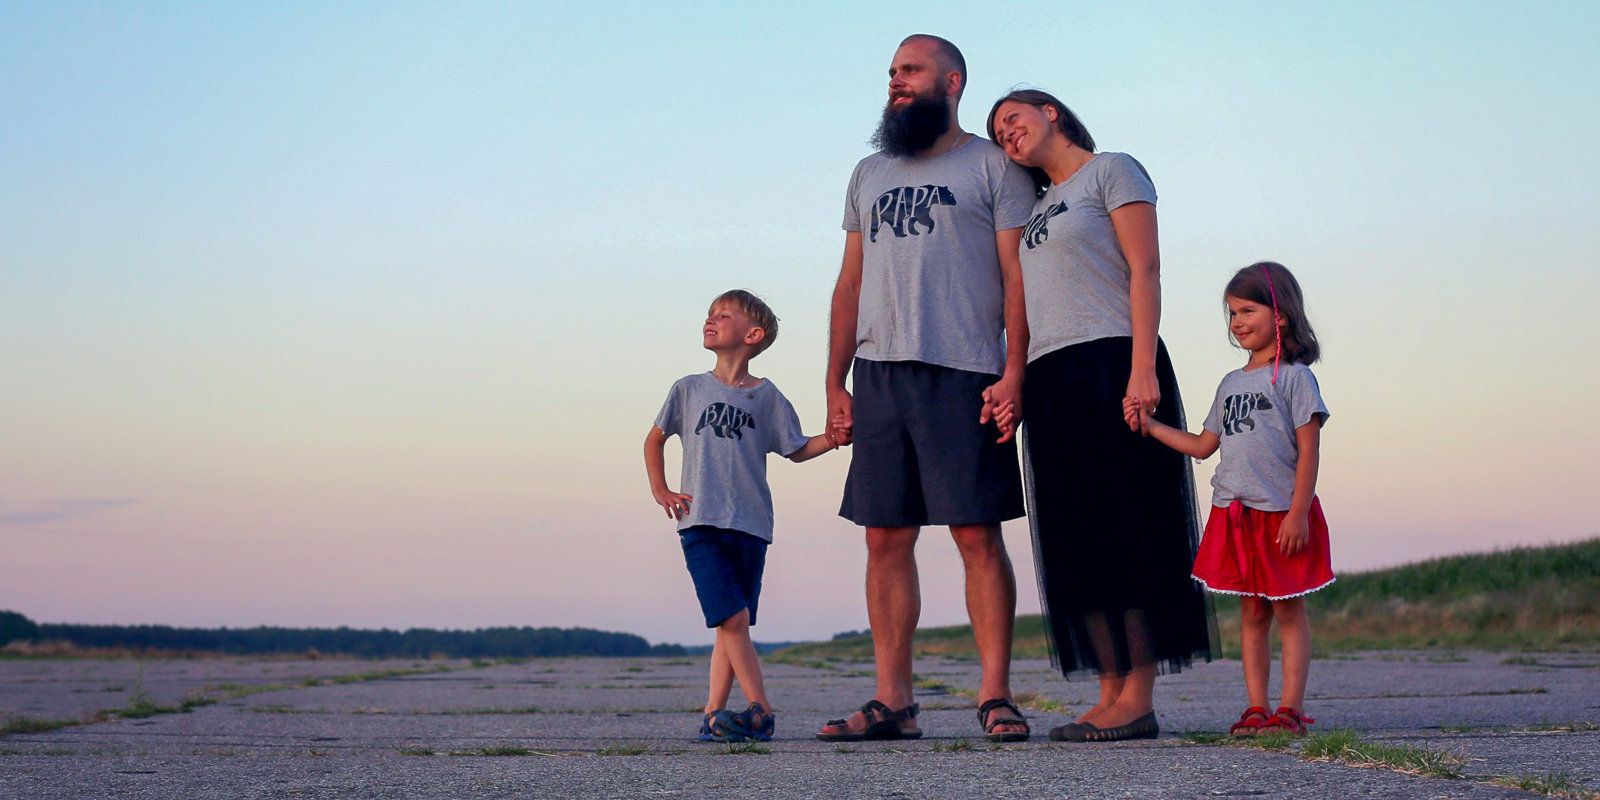 Усыновить ребенка ― это не подвиг. Лилия и Вадим Гежа о том, как жить с приемными детьми